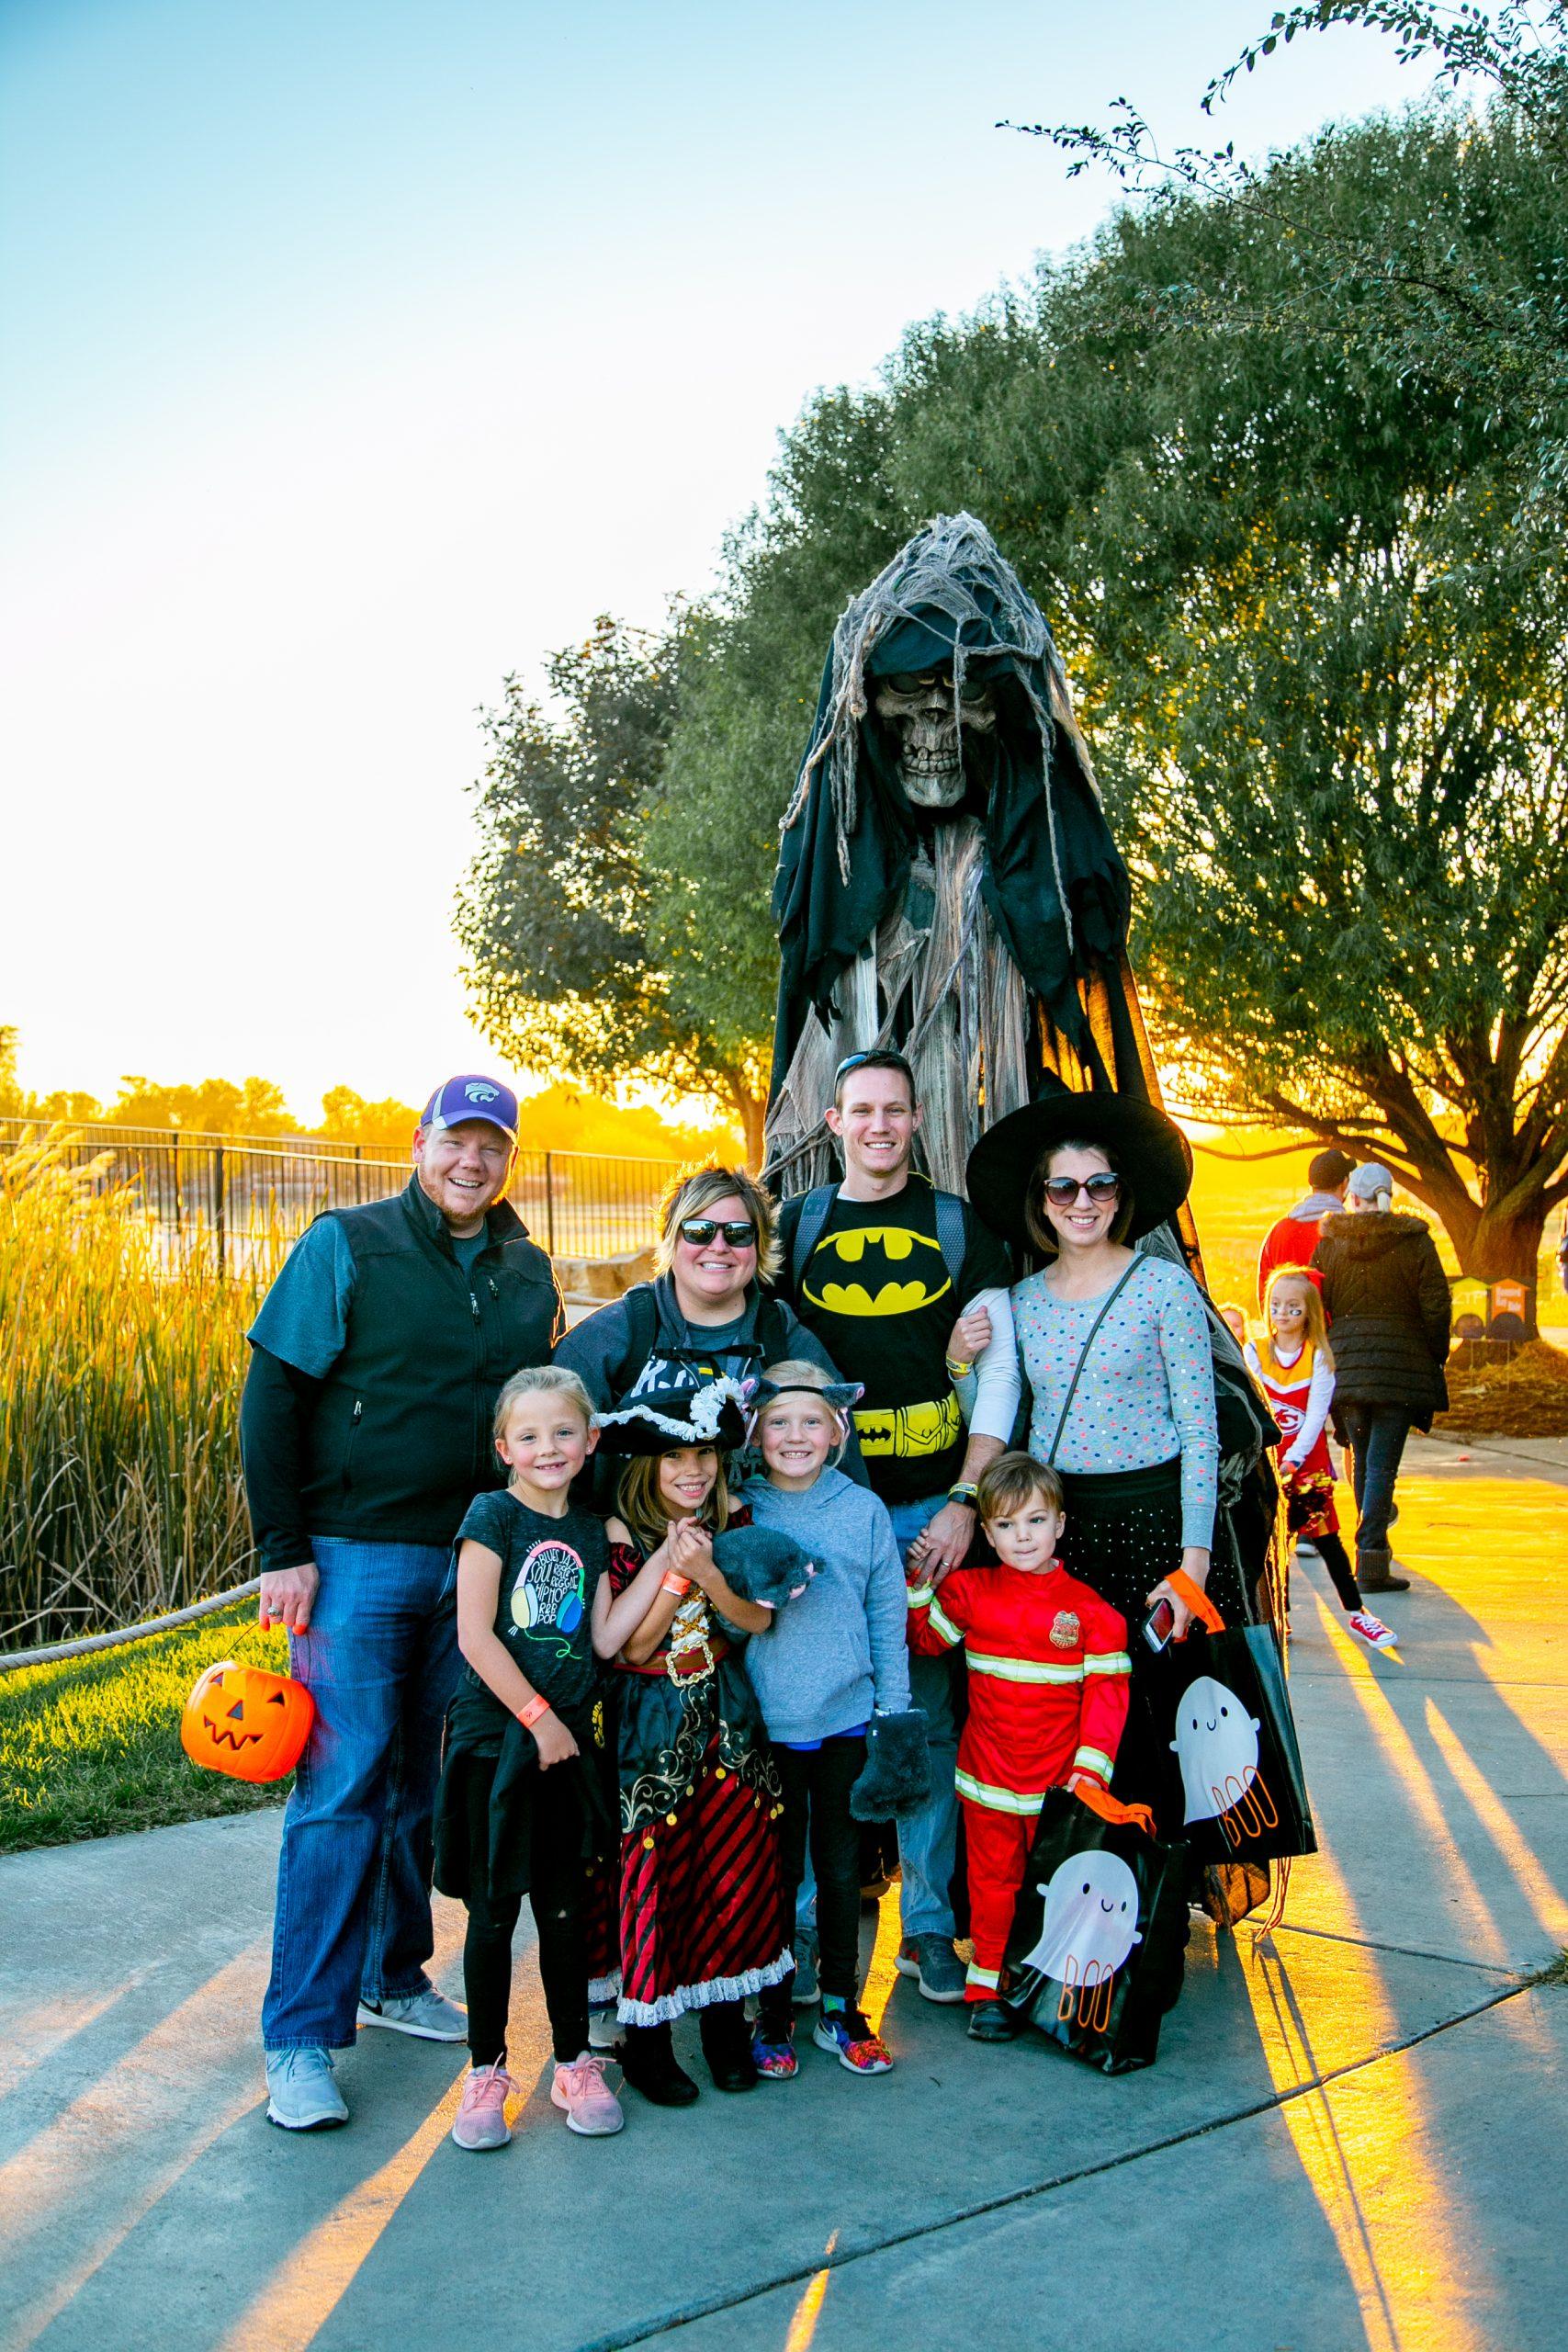 family at pumpkins at the park